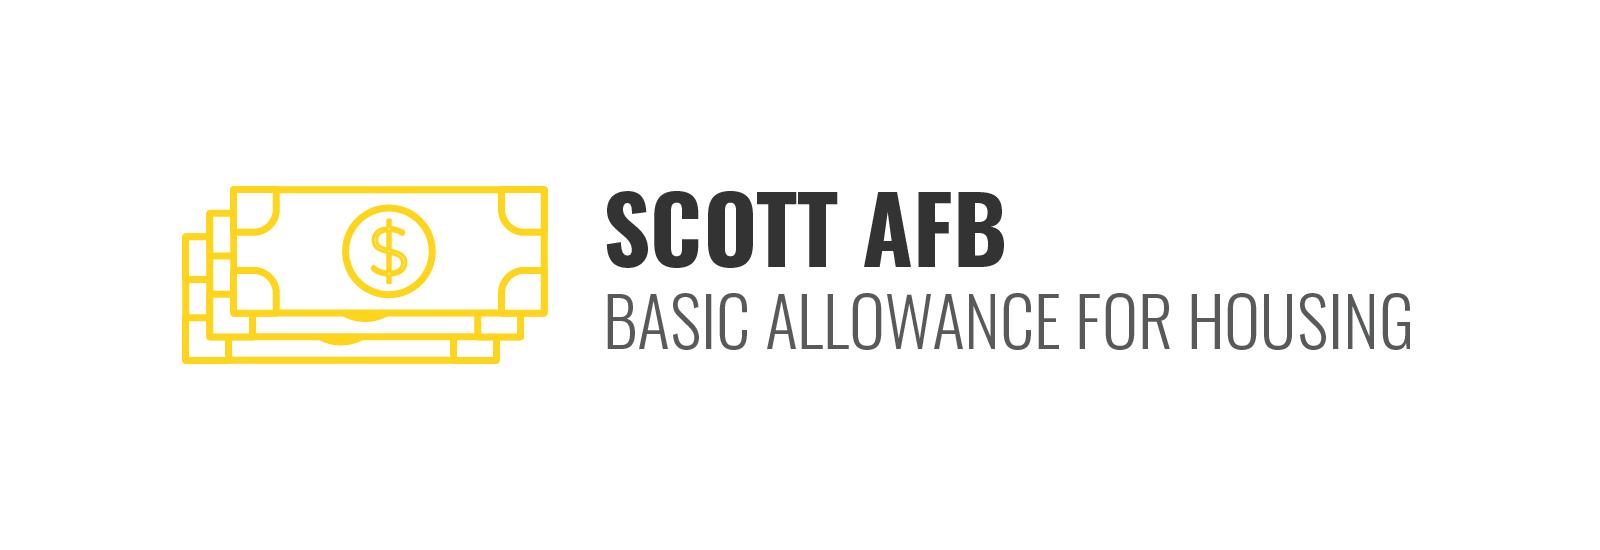 Scott AFB BAH